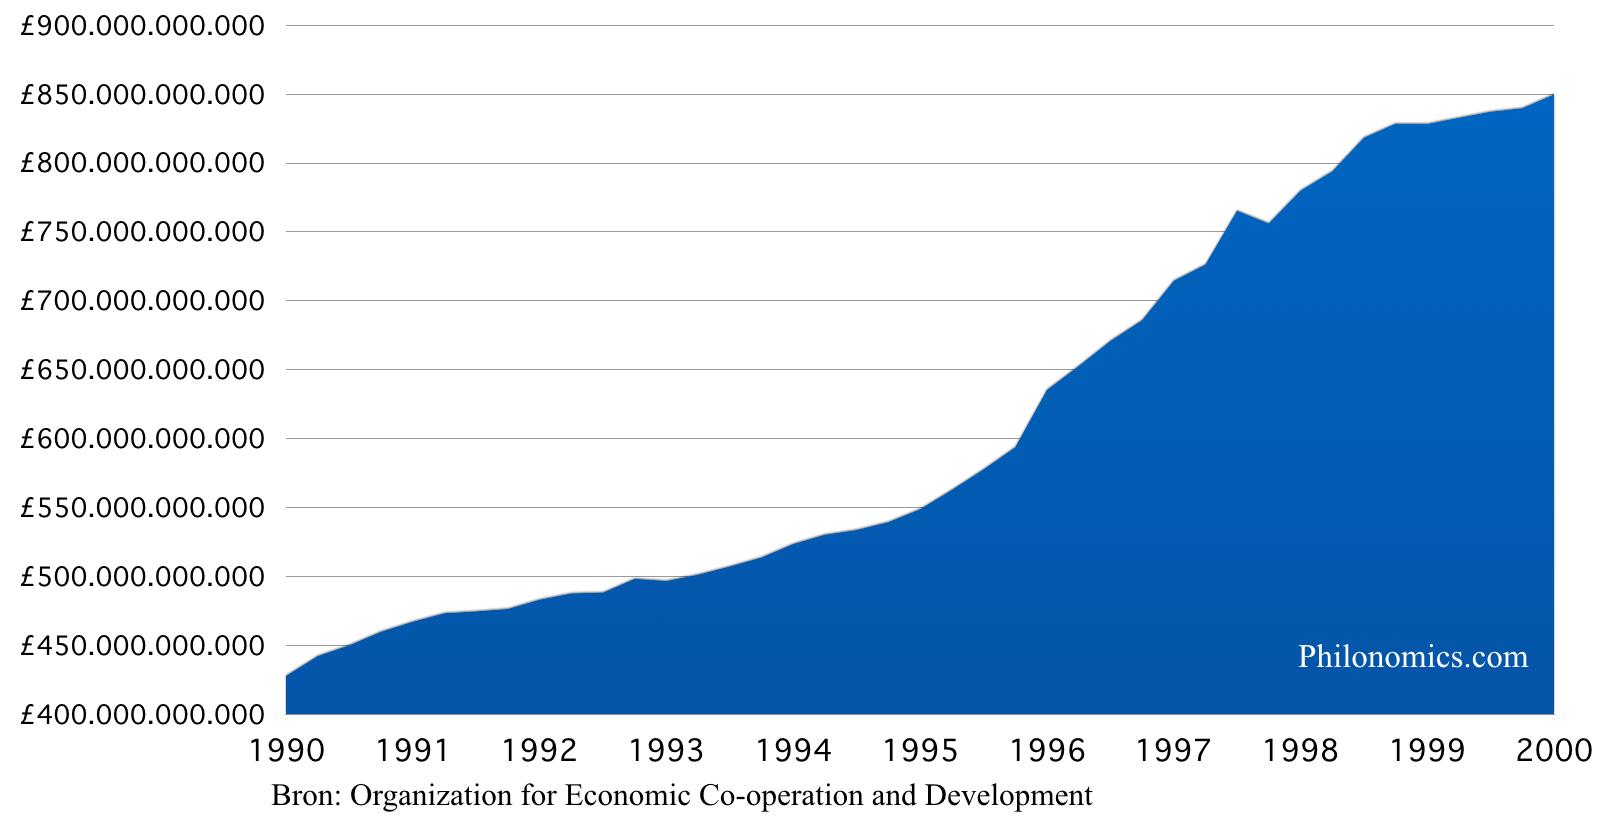 Geldhoeveelheid M3 Verenigd Koninkrijk - 1990-2000